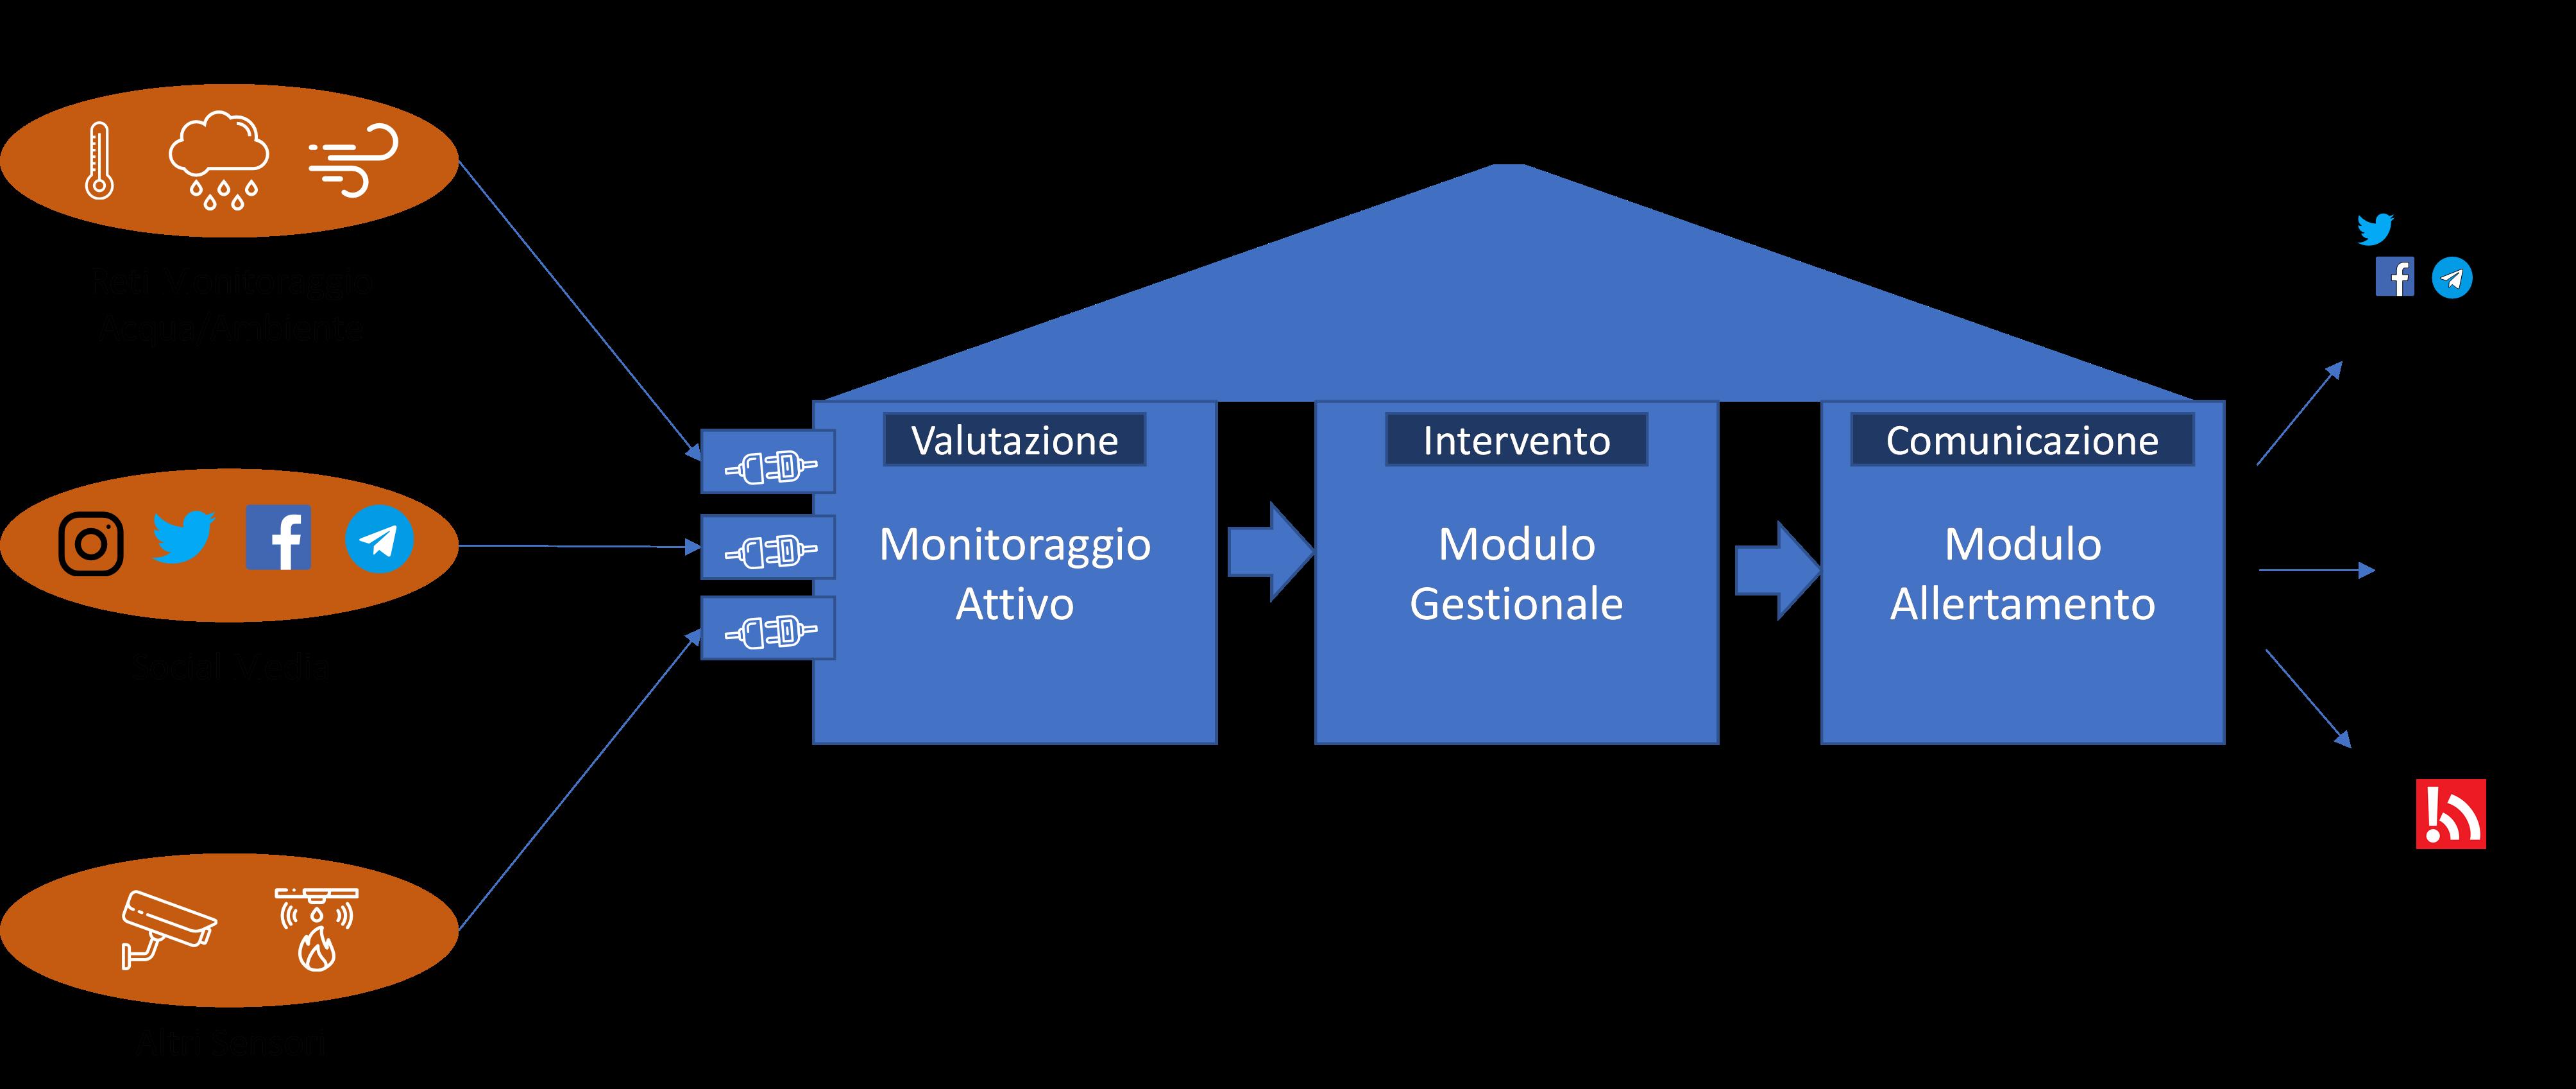 reti monitoraggio protezione civile